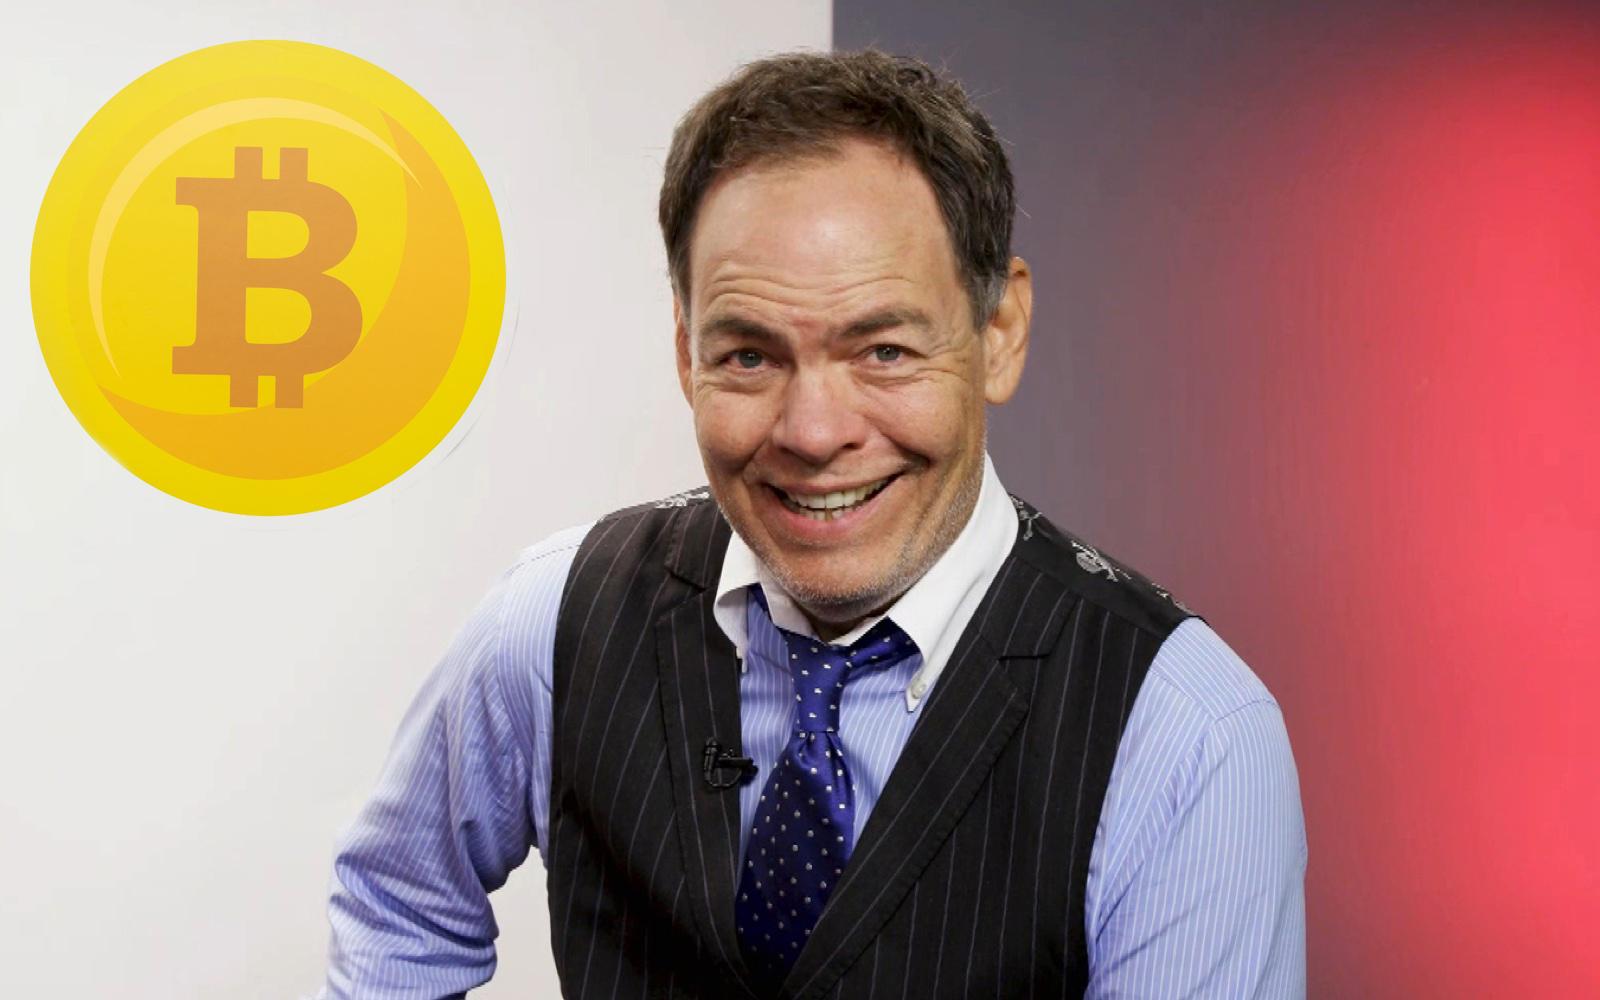 max keiser dar gelirli insanlar dahil herkes bitcoin almali